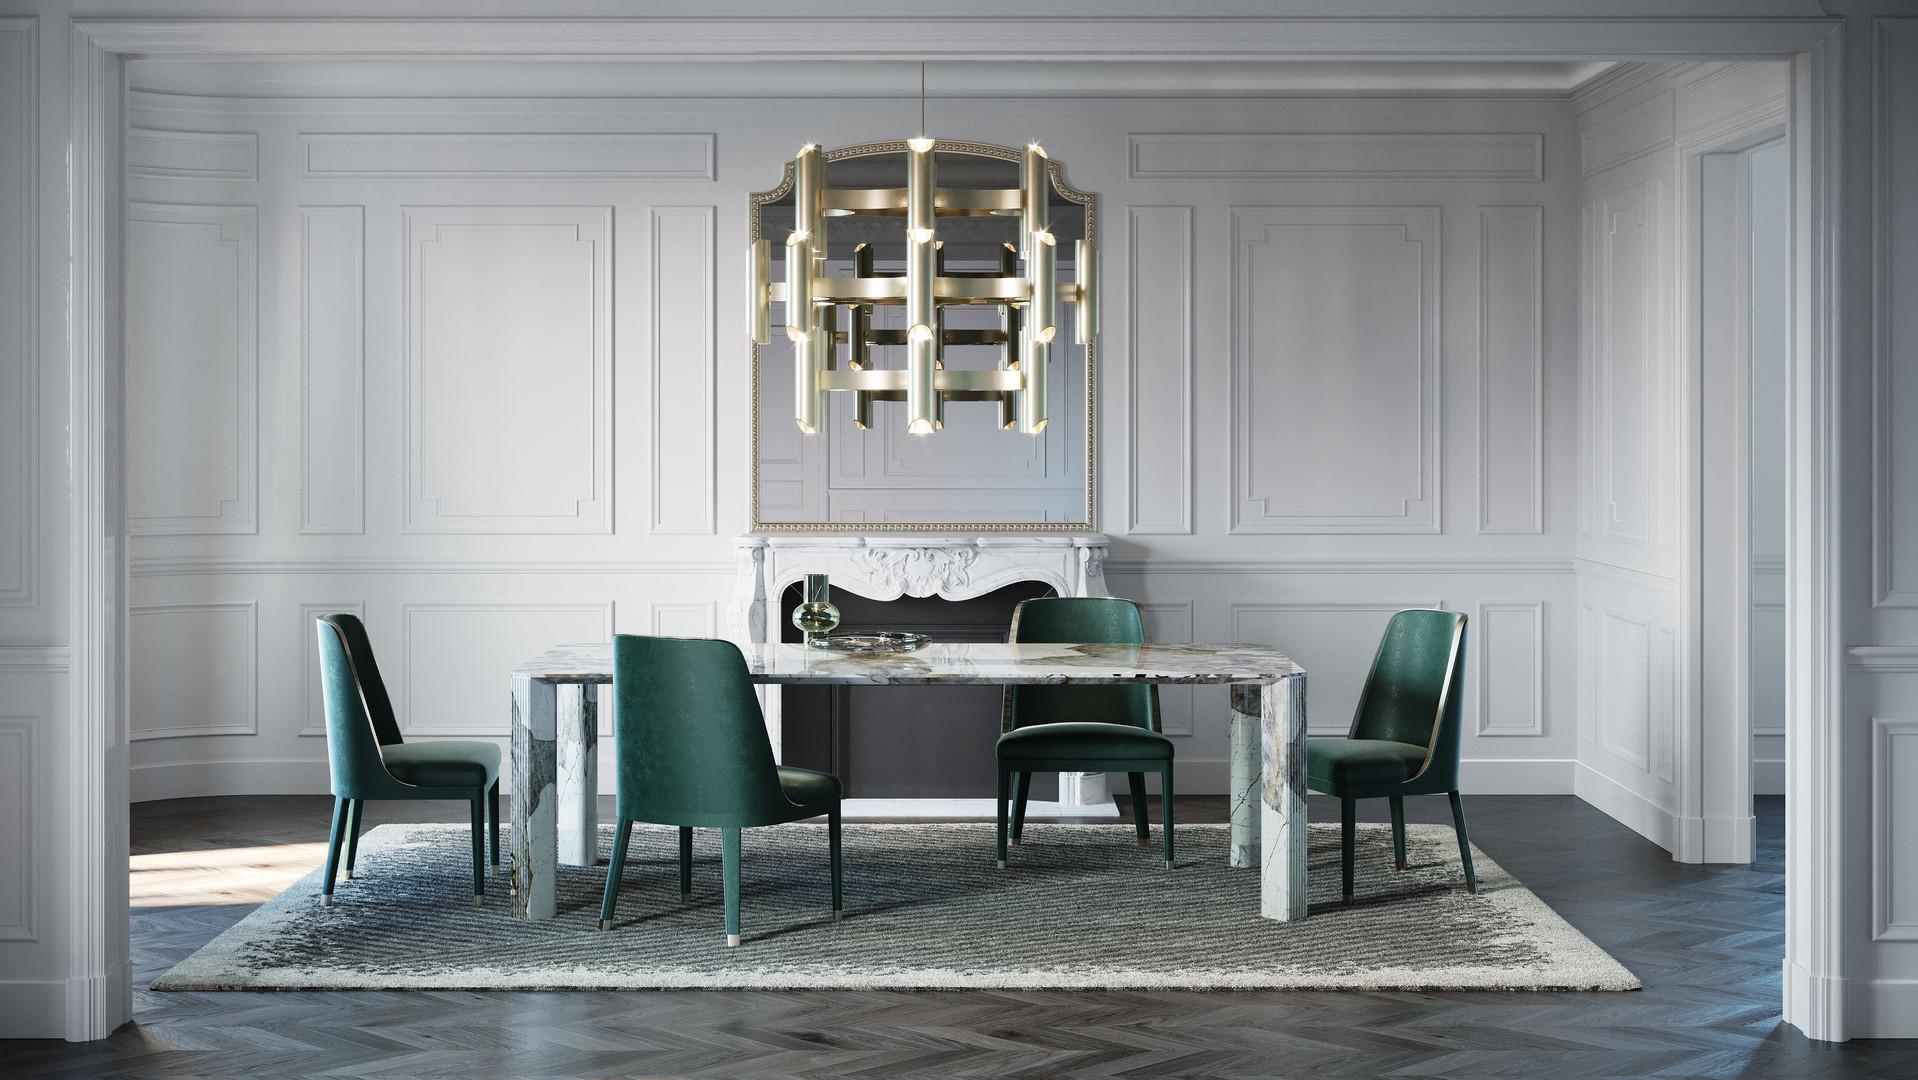 ELIE SAAB Maison: Canova Table